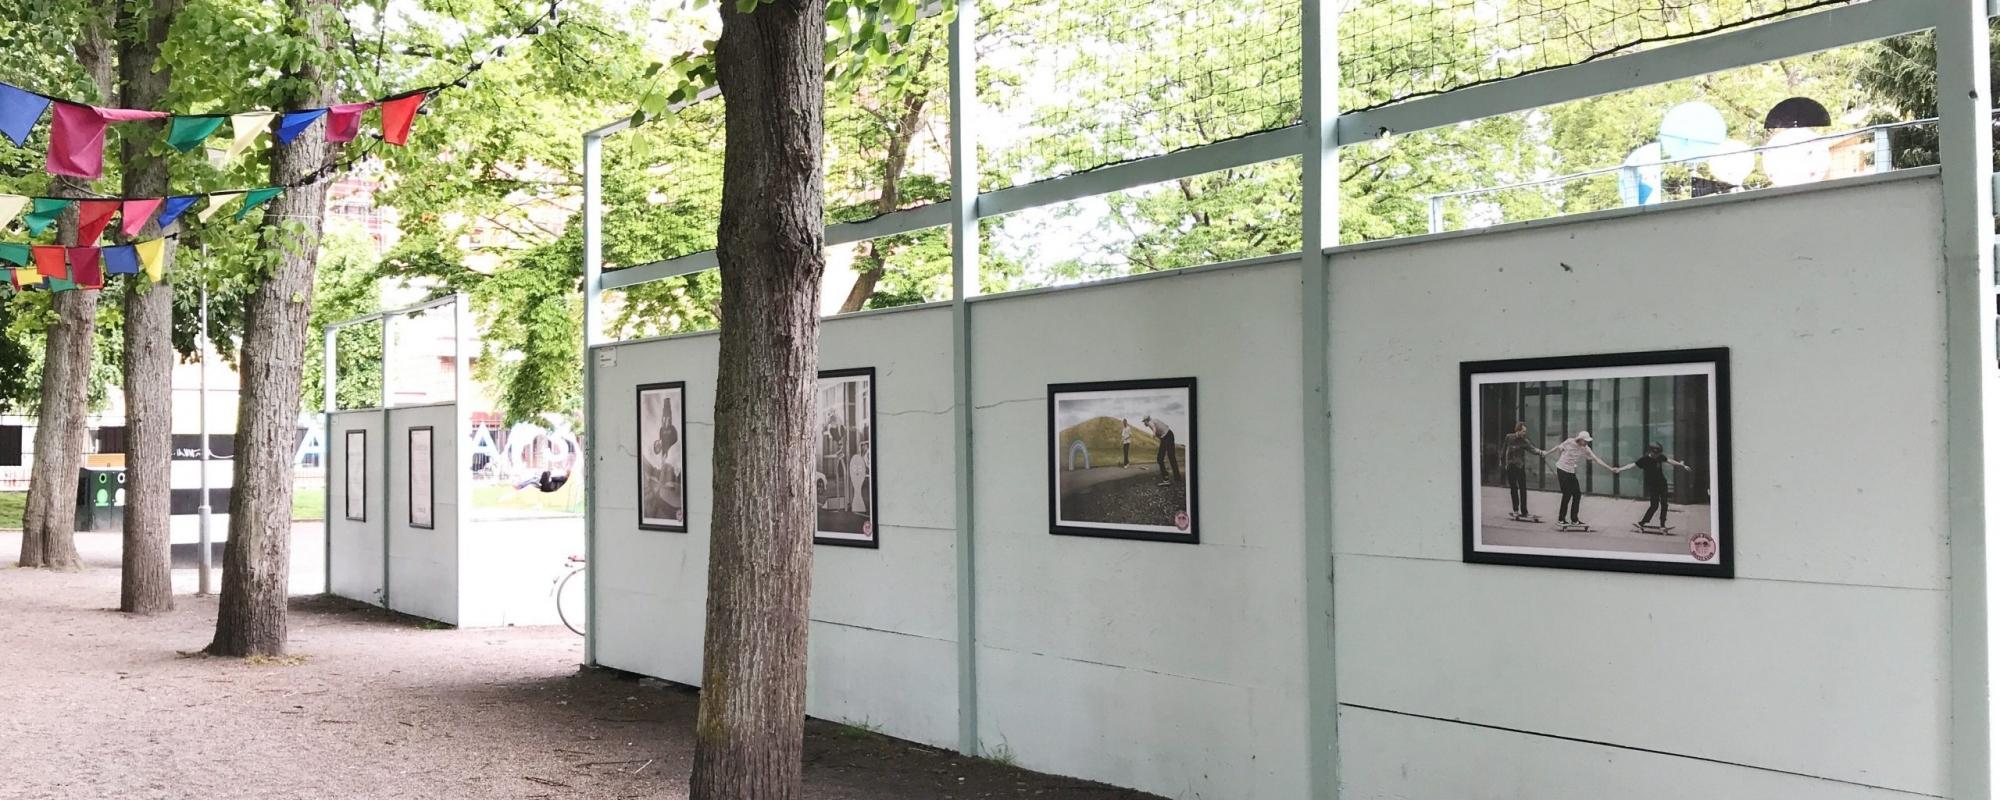 Affischer av skejtare hänger på baksidan av skejtramperna på Vänskapstorget. På bilden syns även flaggor i flera olika färger upphängda i träden.